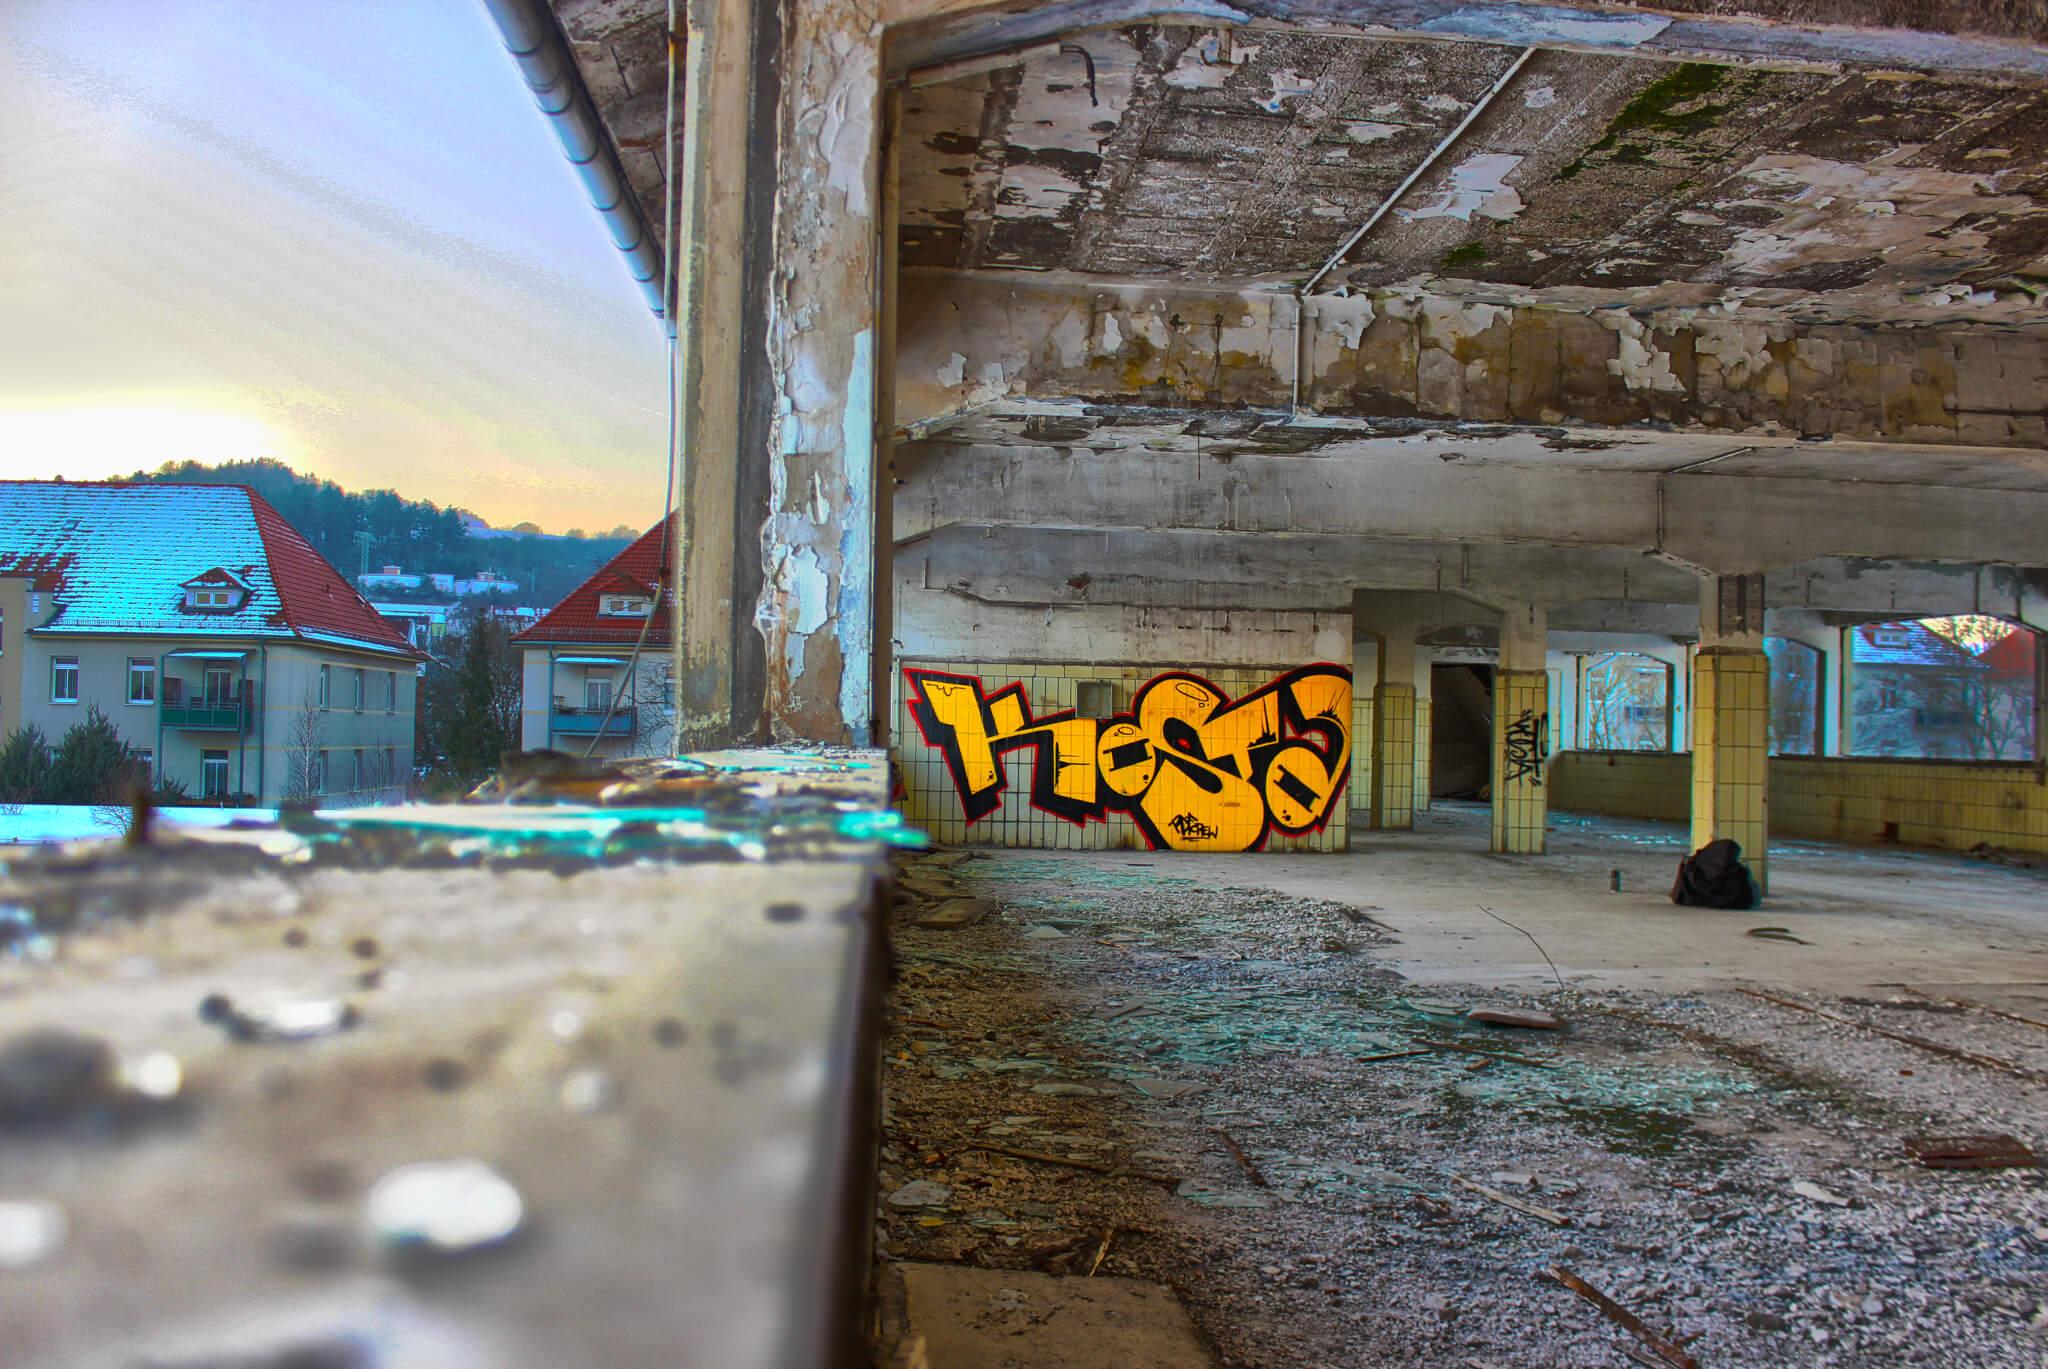 Graffiti Eisenach Kosta - HDR Fotografie